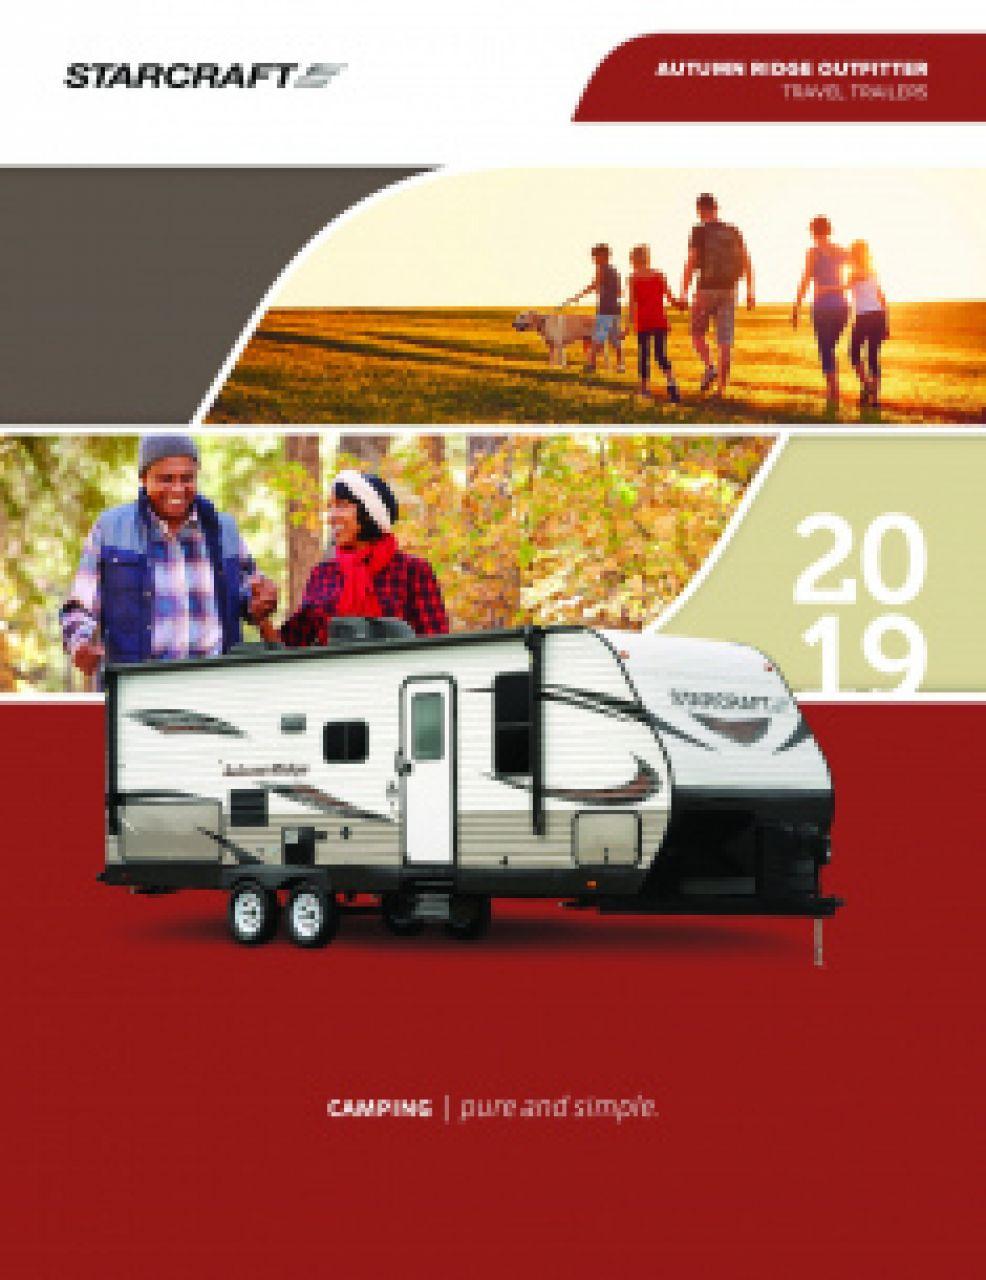 autumnridgeoutfitter-2019-broch-lsrv-001-pdf